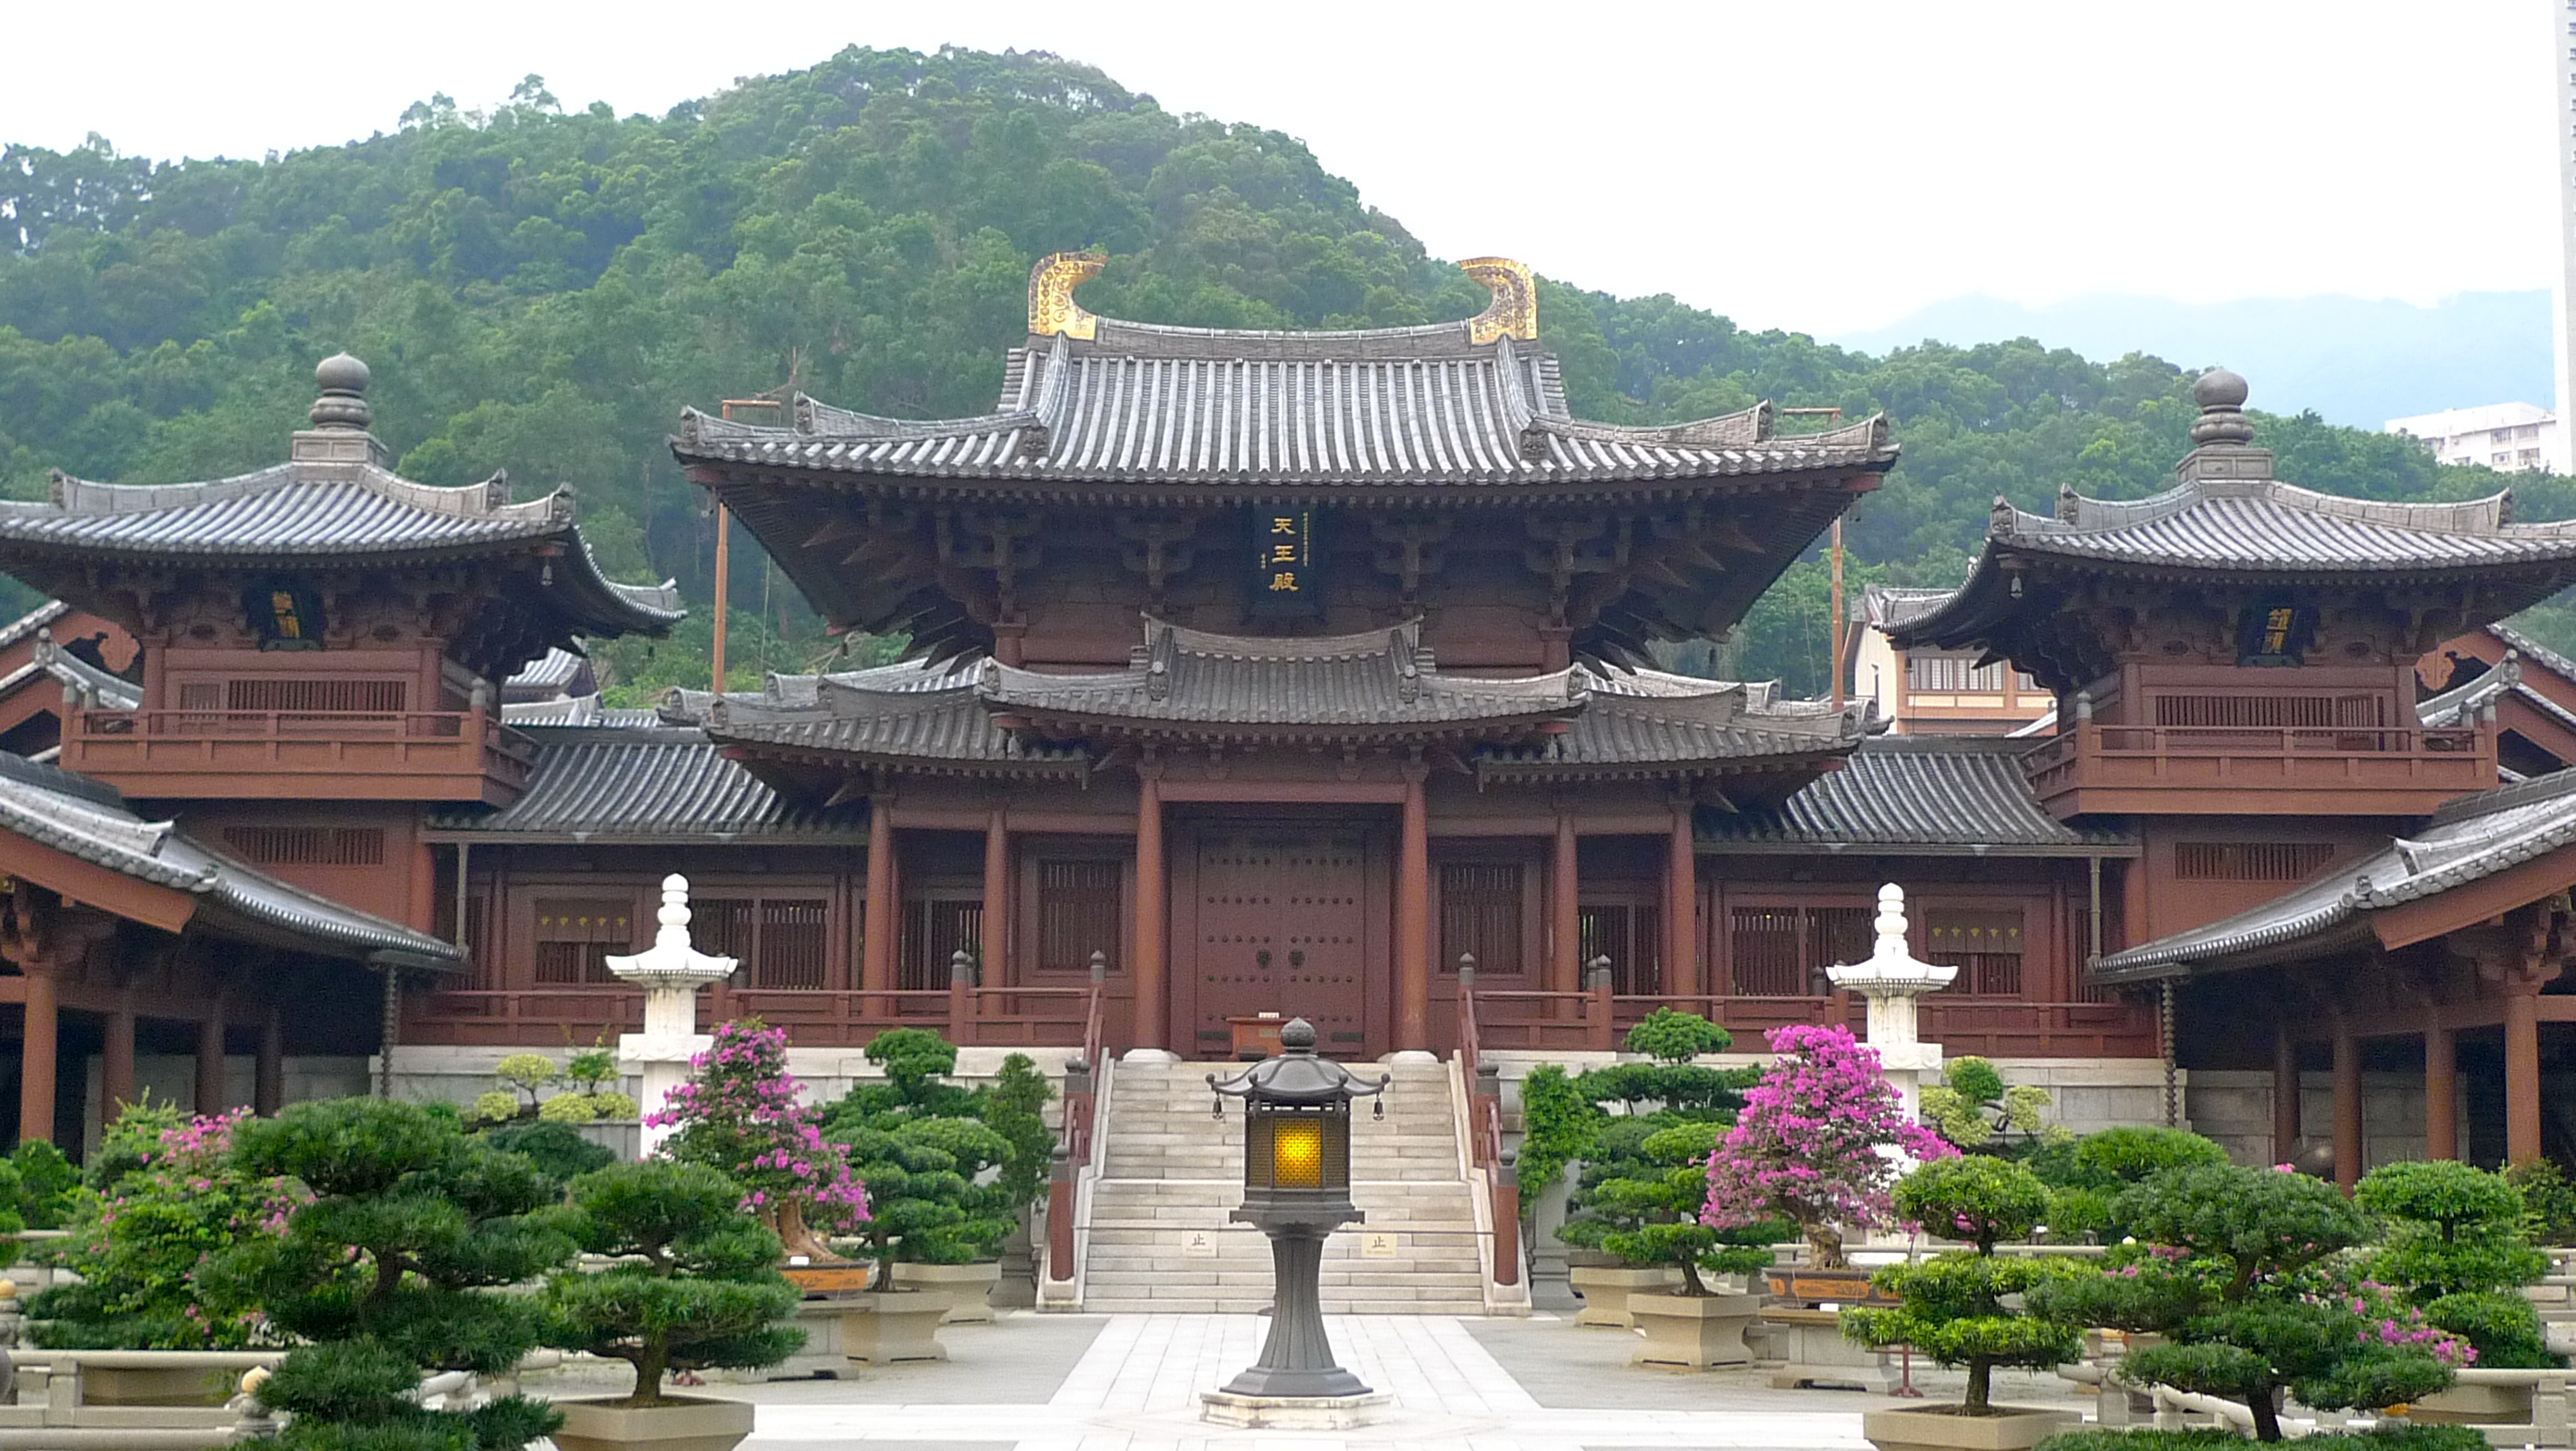 chi - Nan Lian Garden